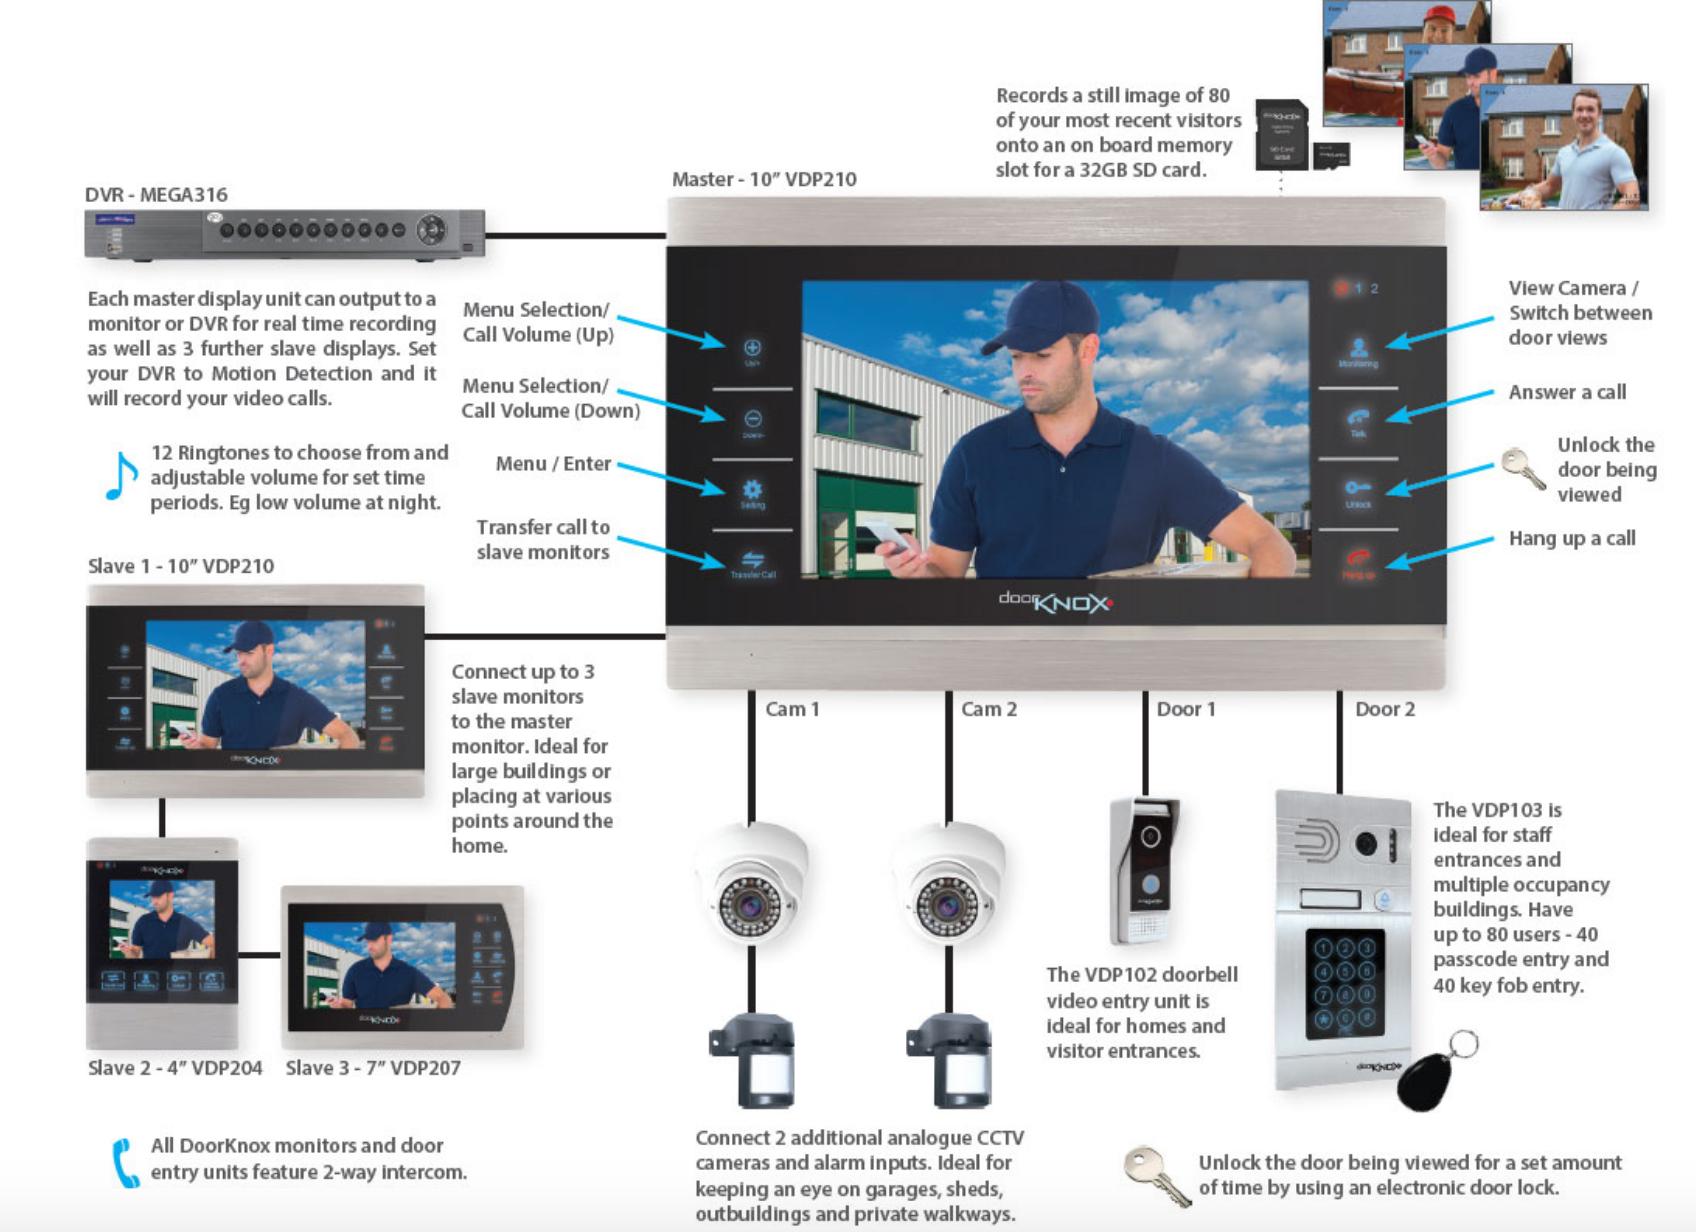 Doorknox Video Intercoms